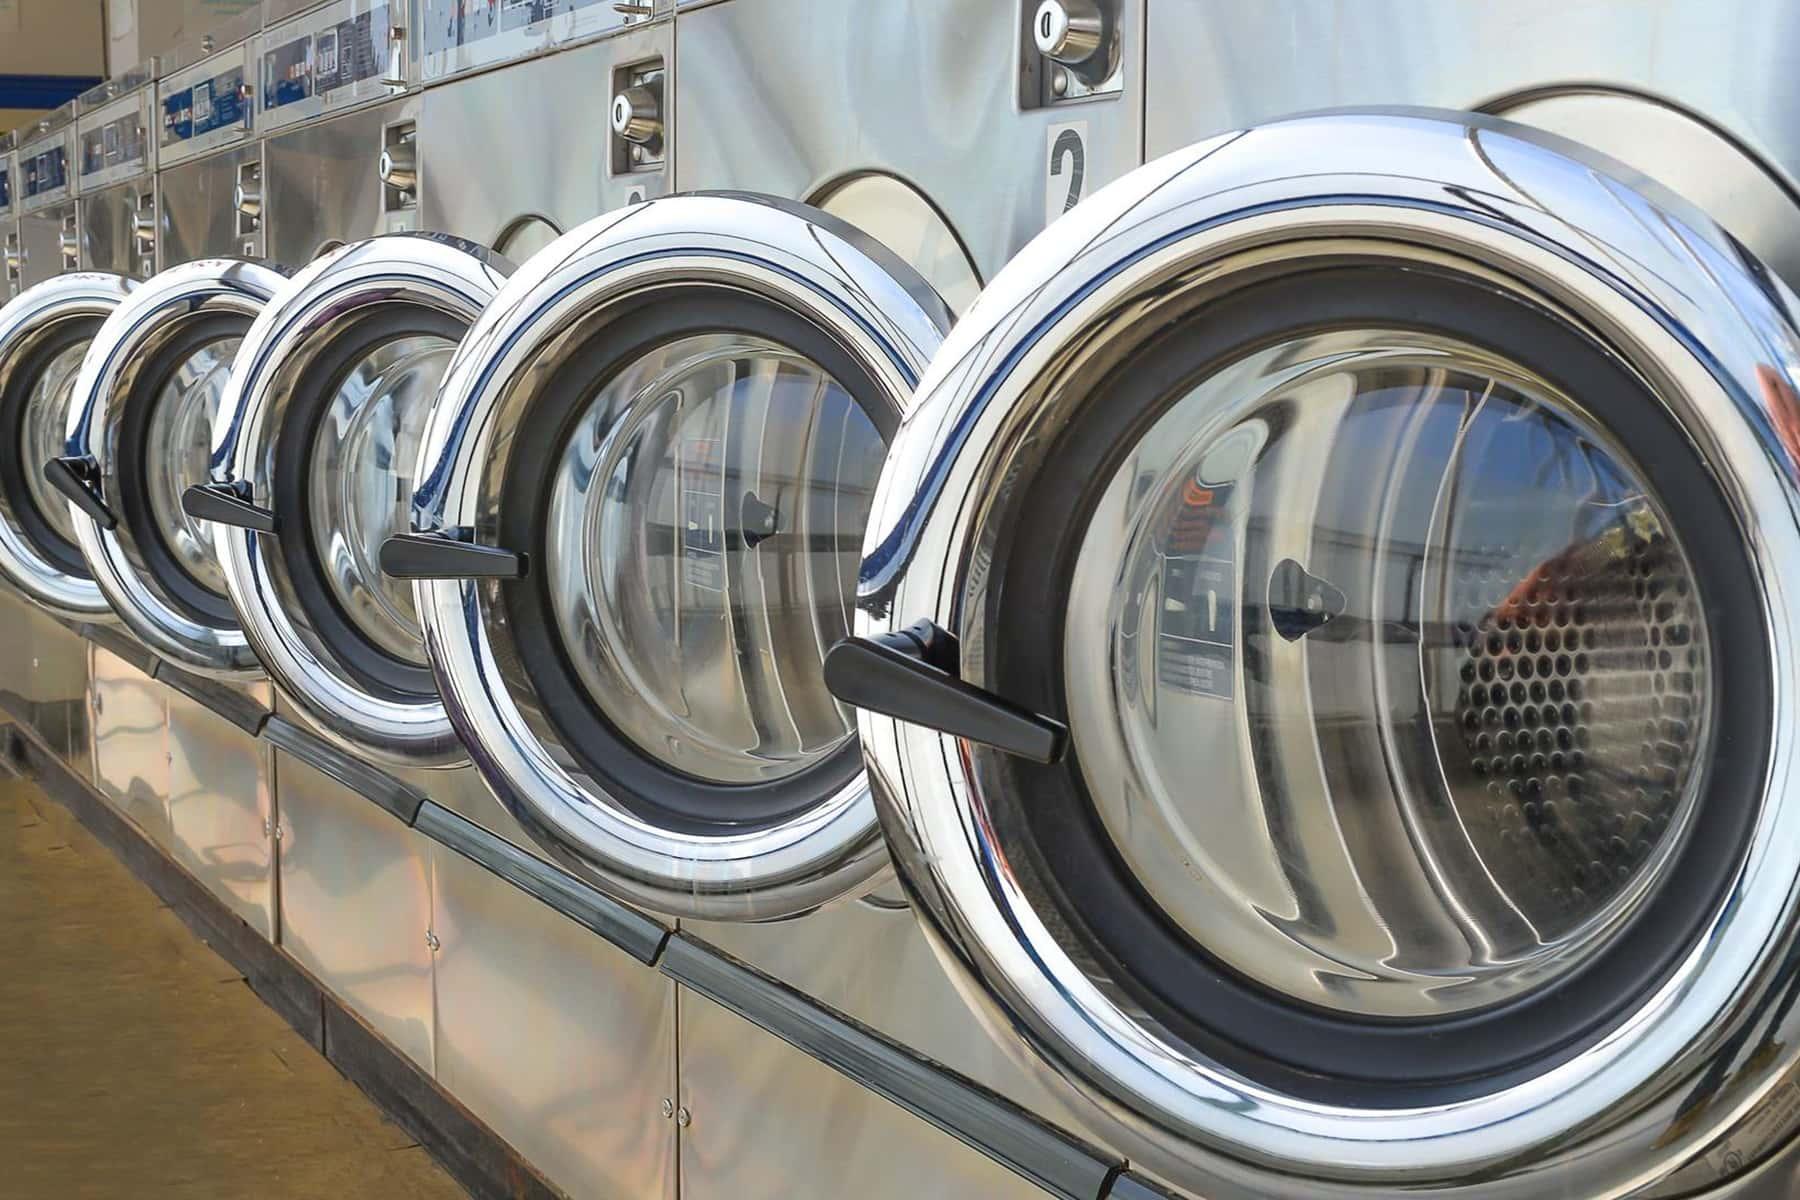 040920_laundrycovid19_02